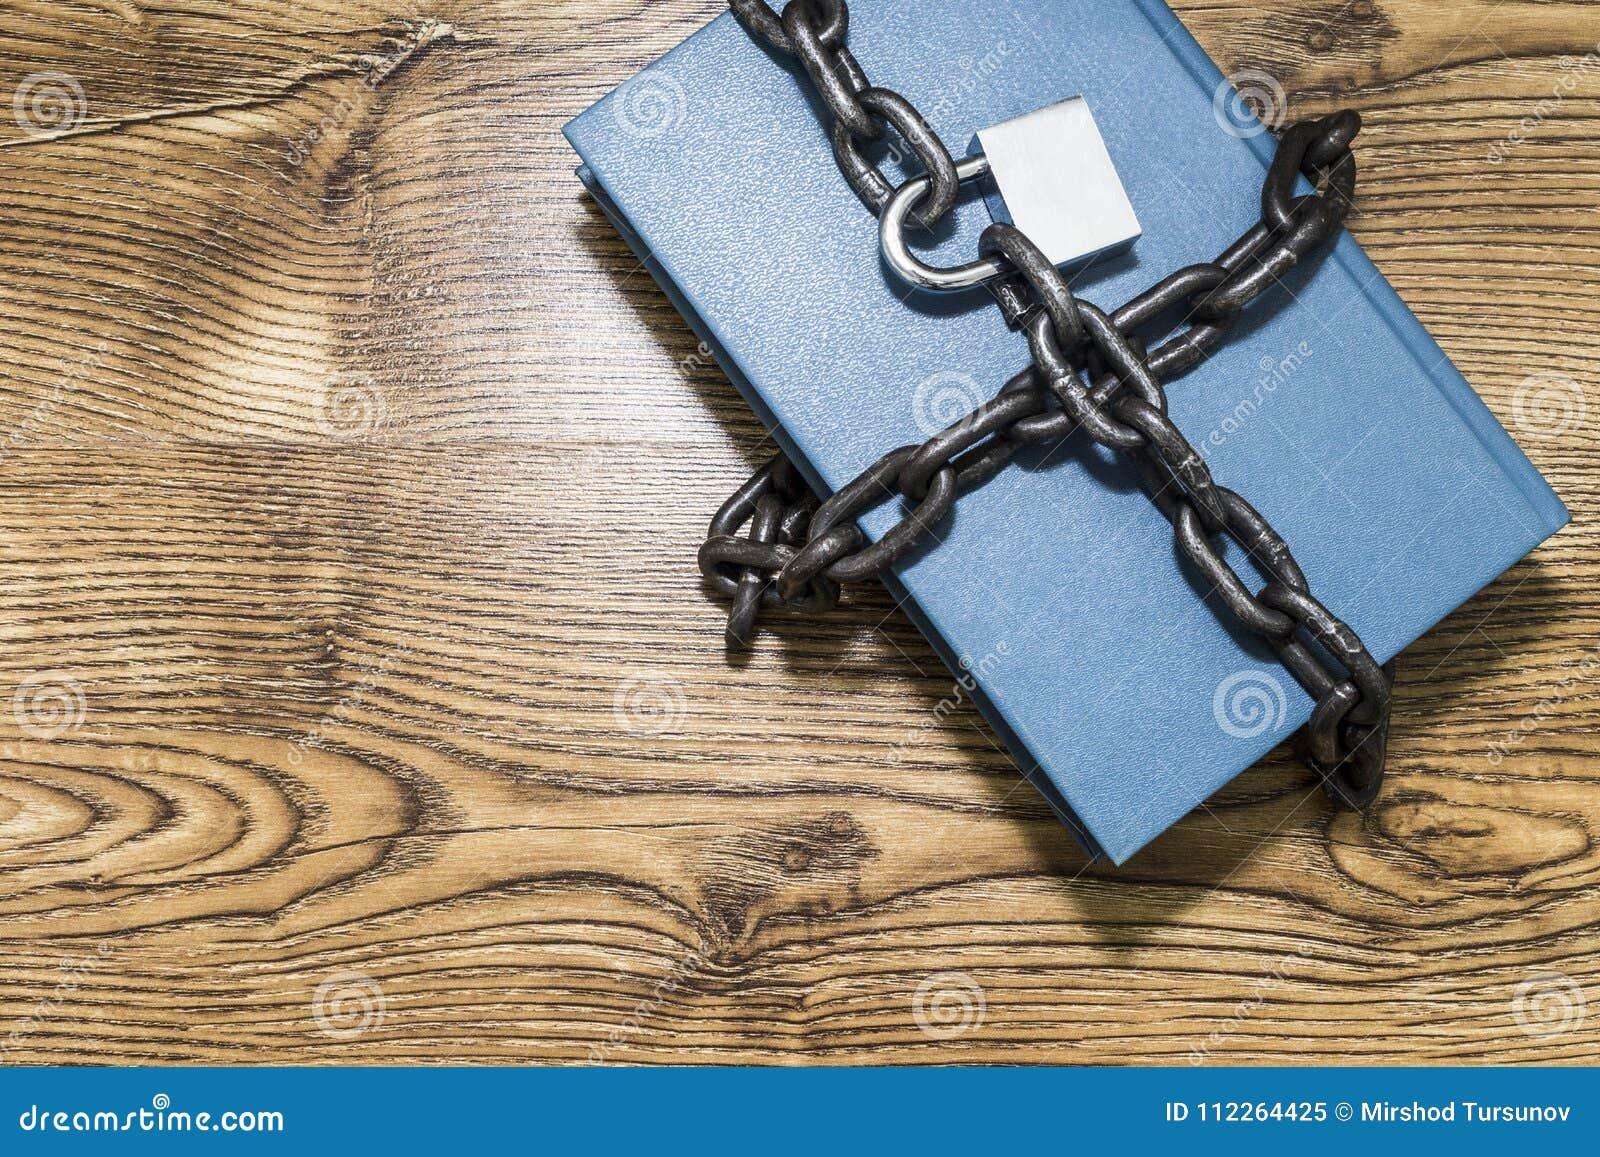 Концепция информационной безопасности, книга с цепью и padlock